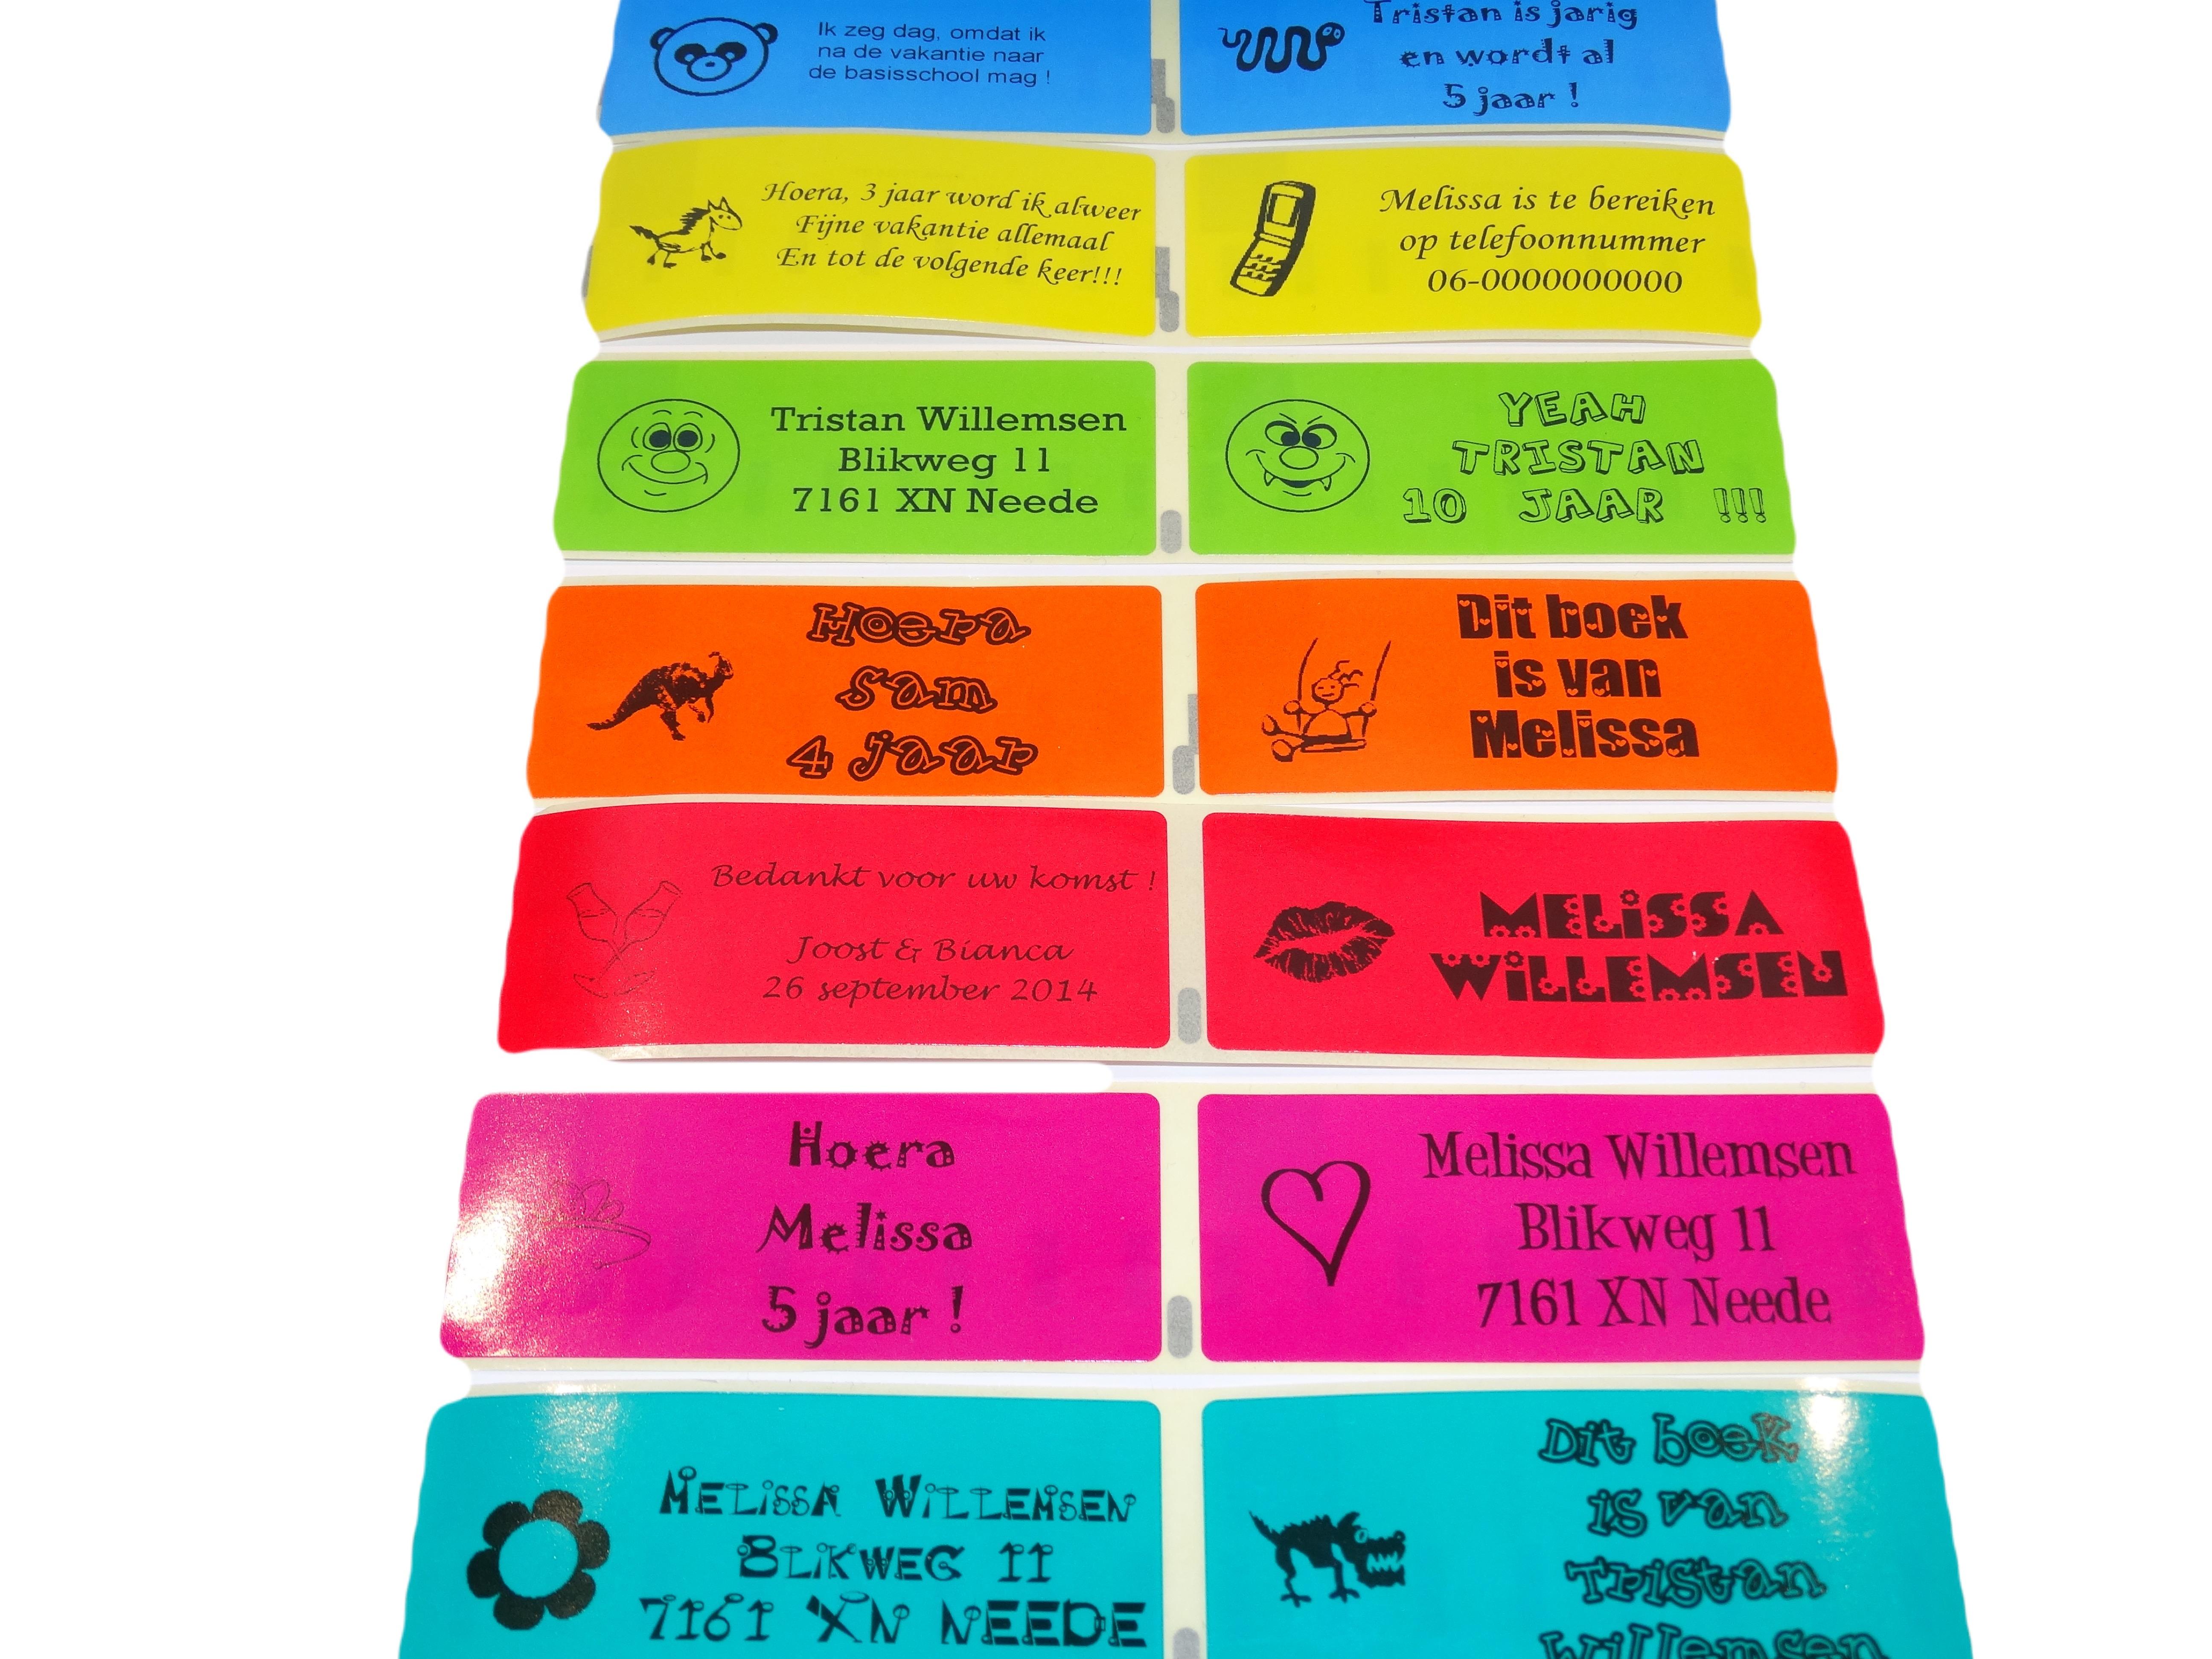 Tekst Stickers Goedkoop.10 Gepersonaliseerde Gekleurde Stickers Traktatie Nodig Goedkoop